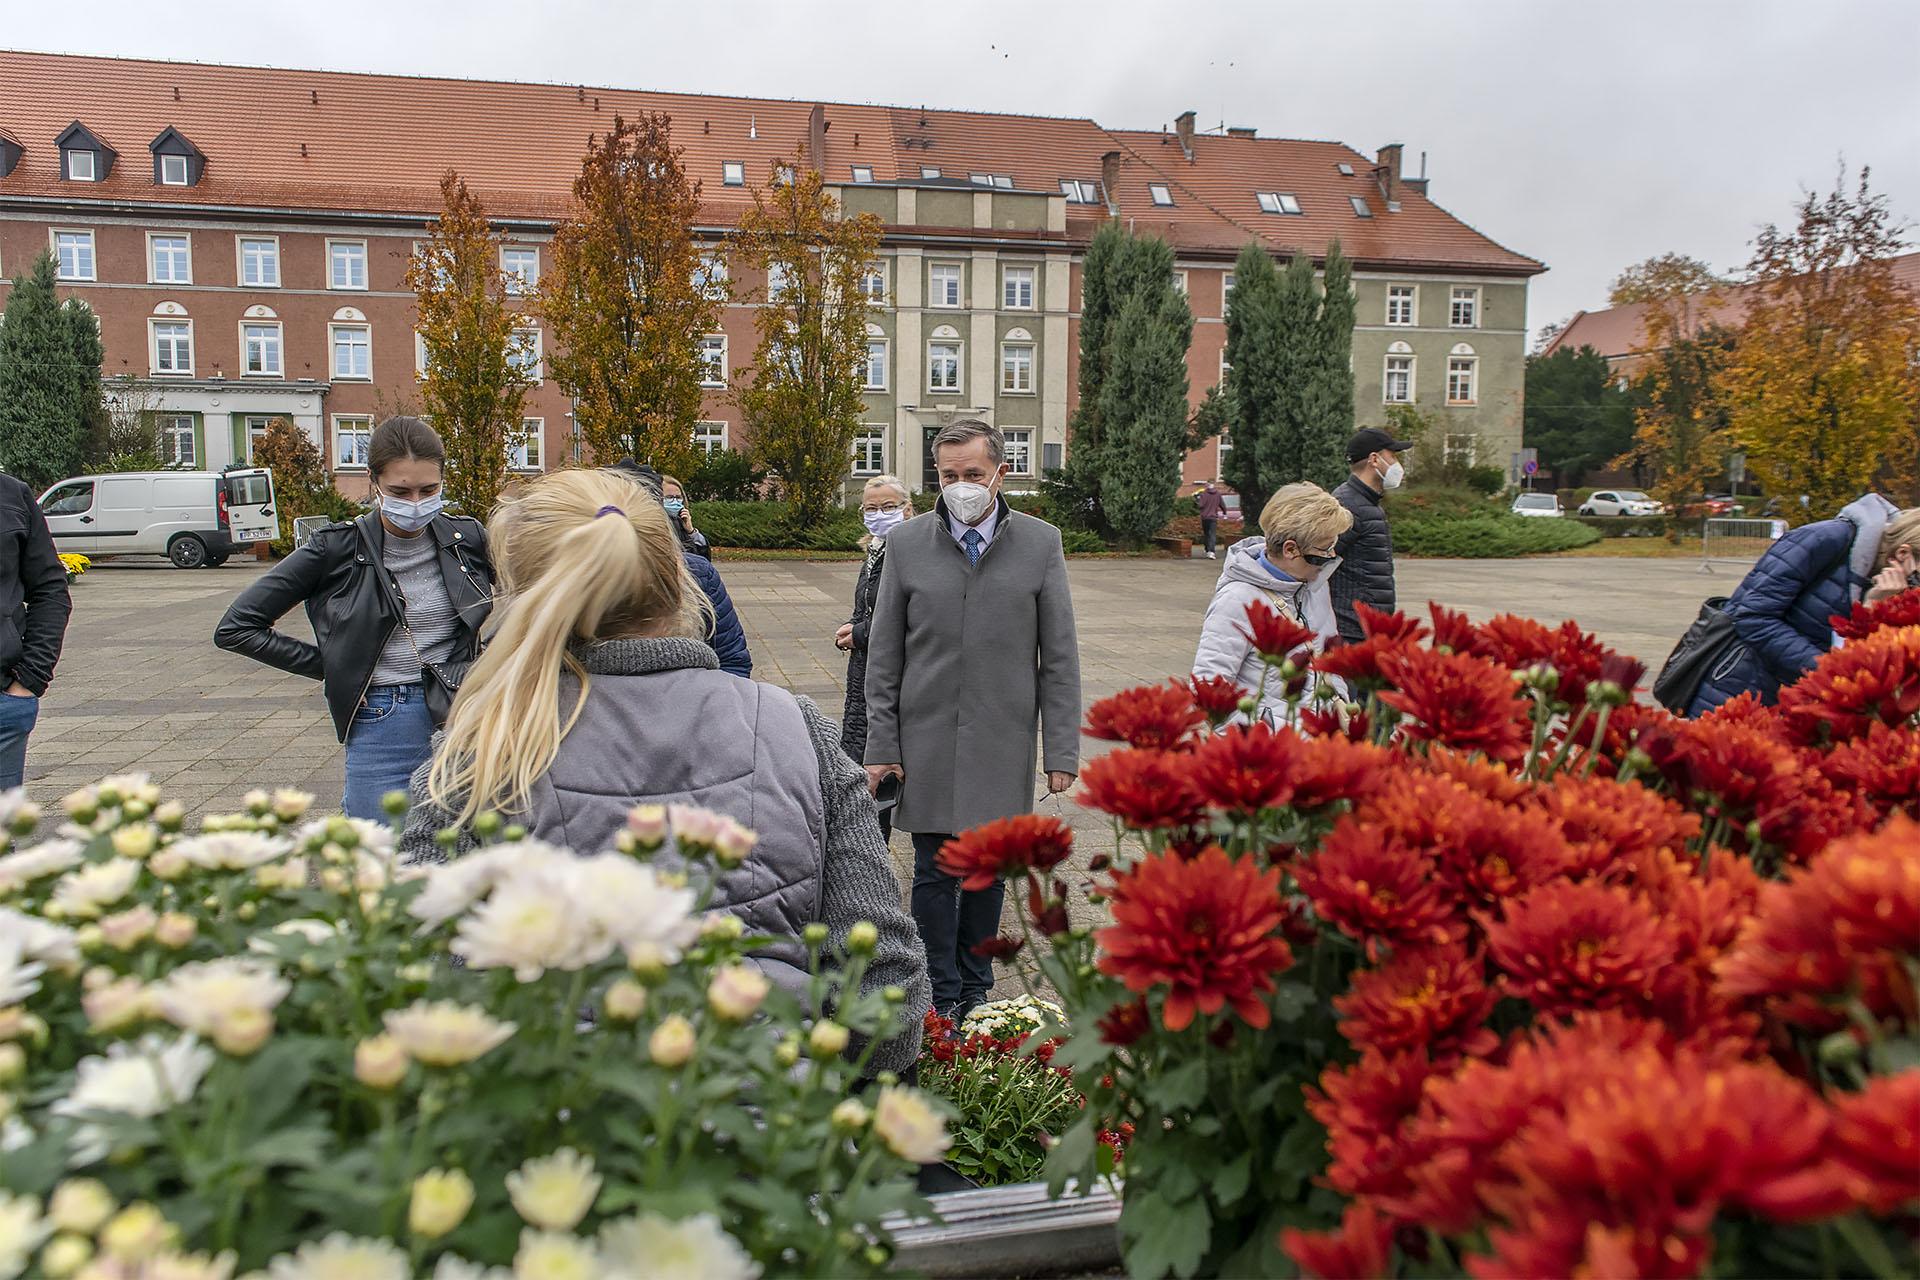 Targ Chryzantemowy w Pile. Piotr Głowski, prezydent Piły. 2 listopada 2020. Fot. Marcin Maziarz